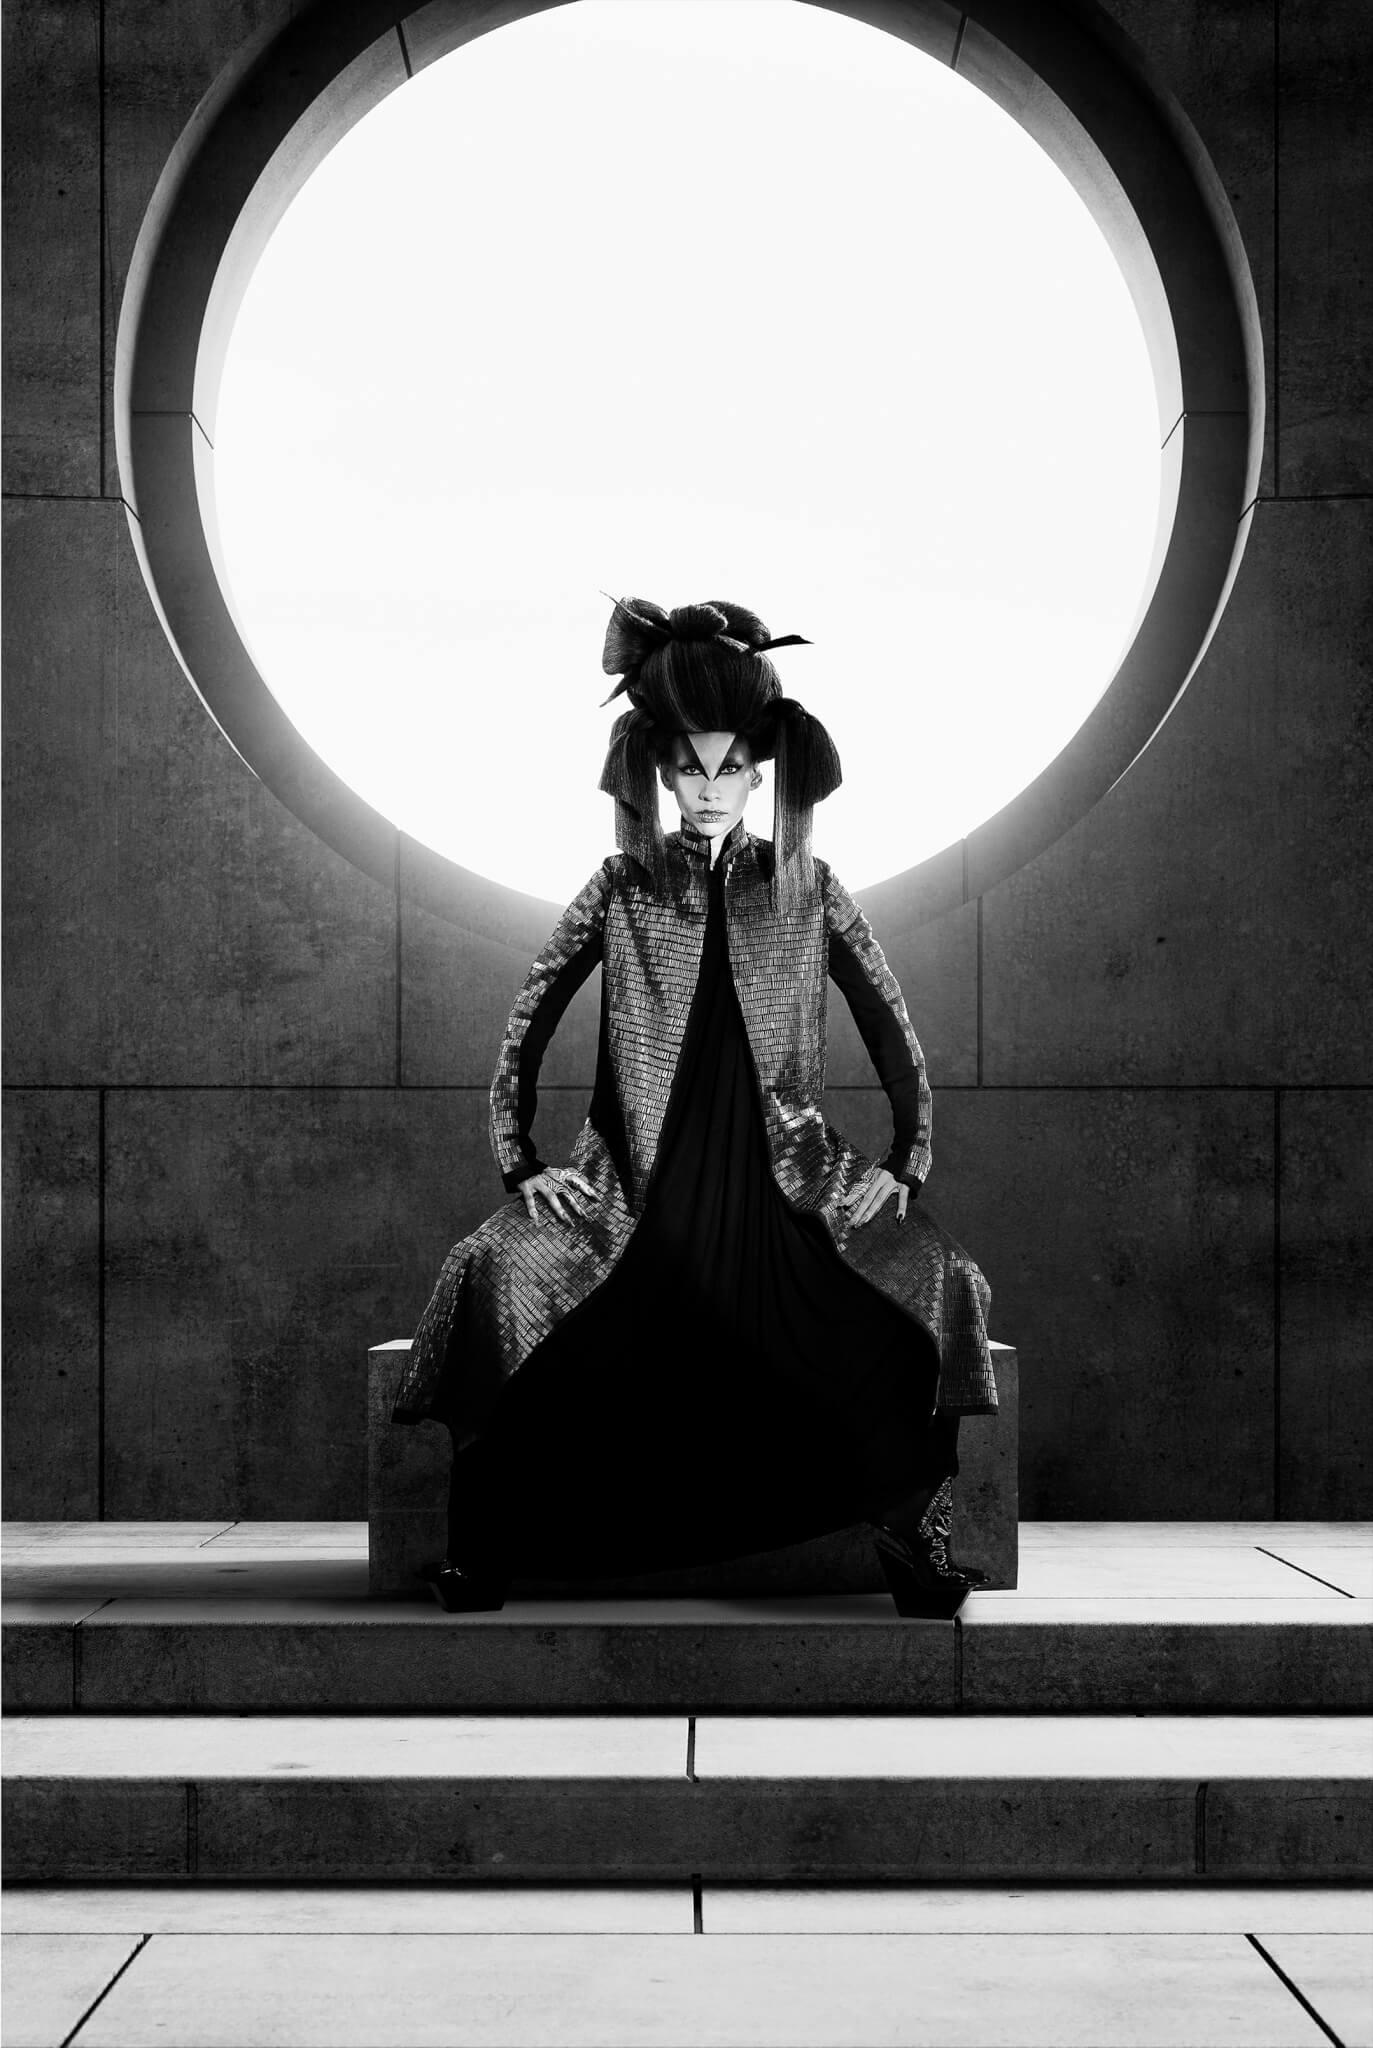 Lull_Emperor_34209_insta